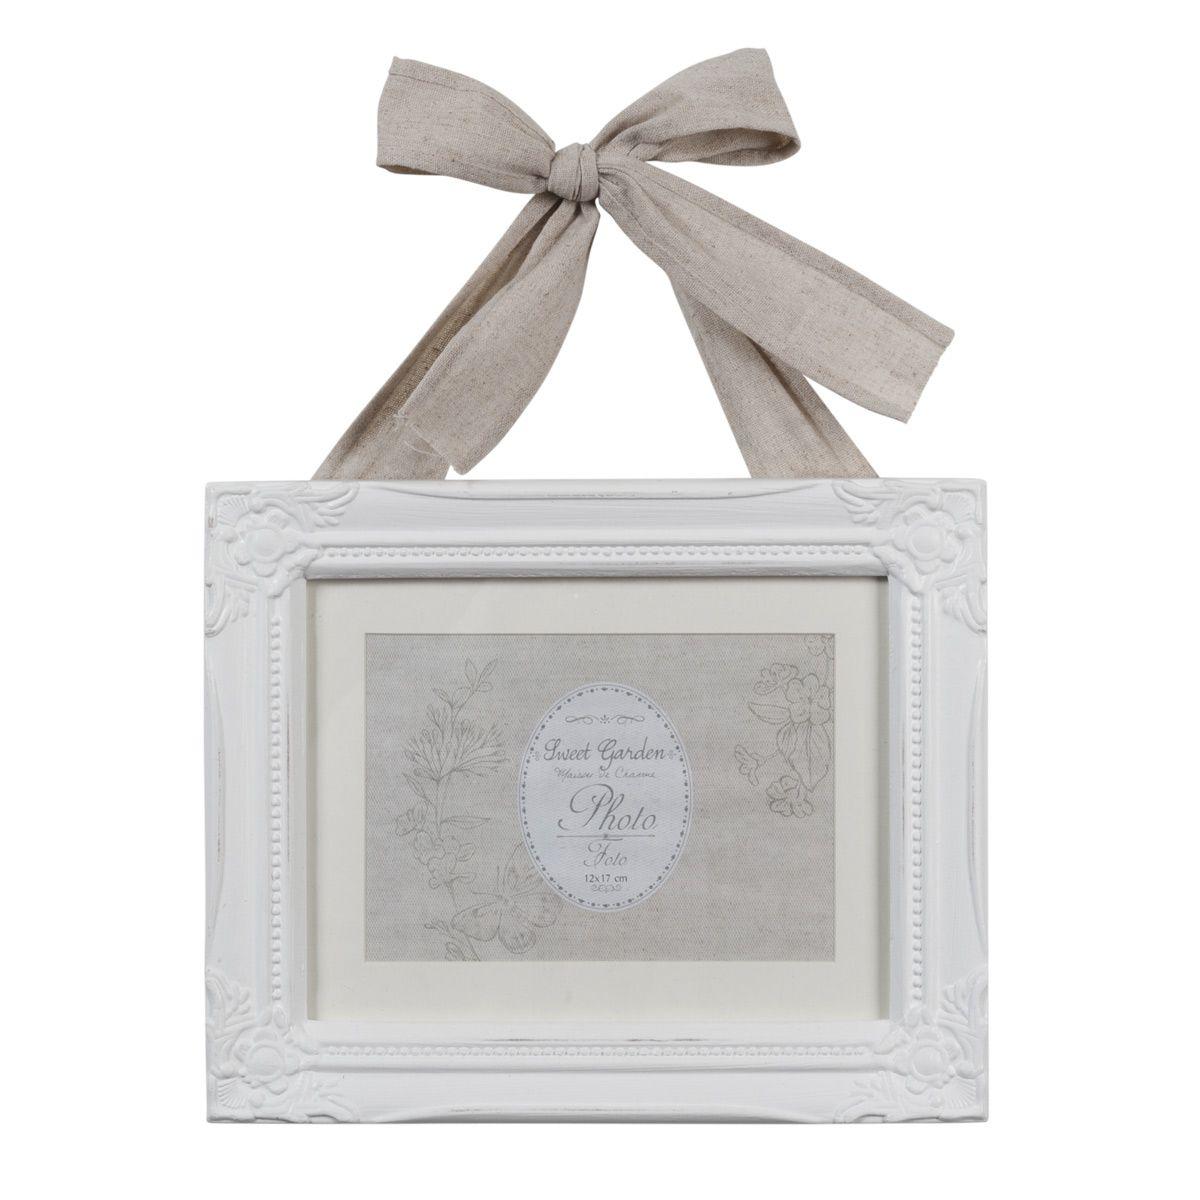 Cadre photo en bois blanc 23 x 28 cm CÉCILE de maison du monde ...